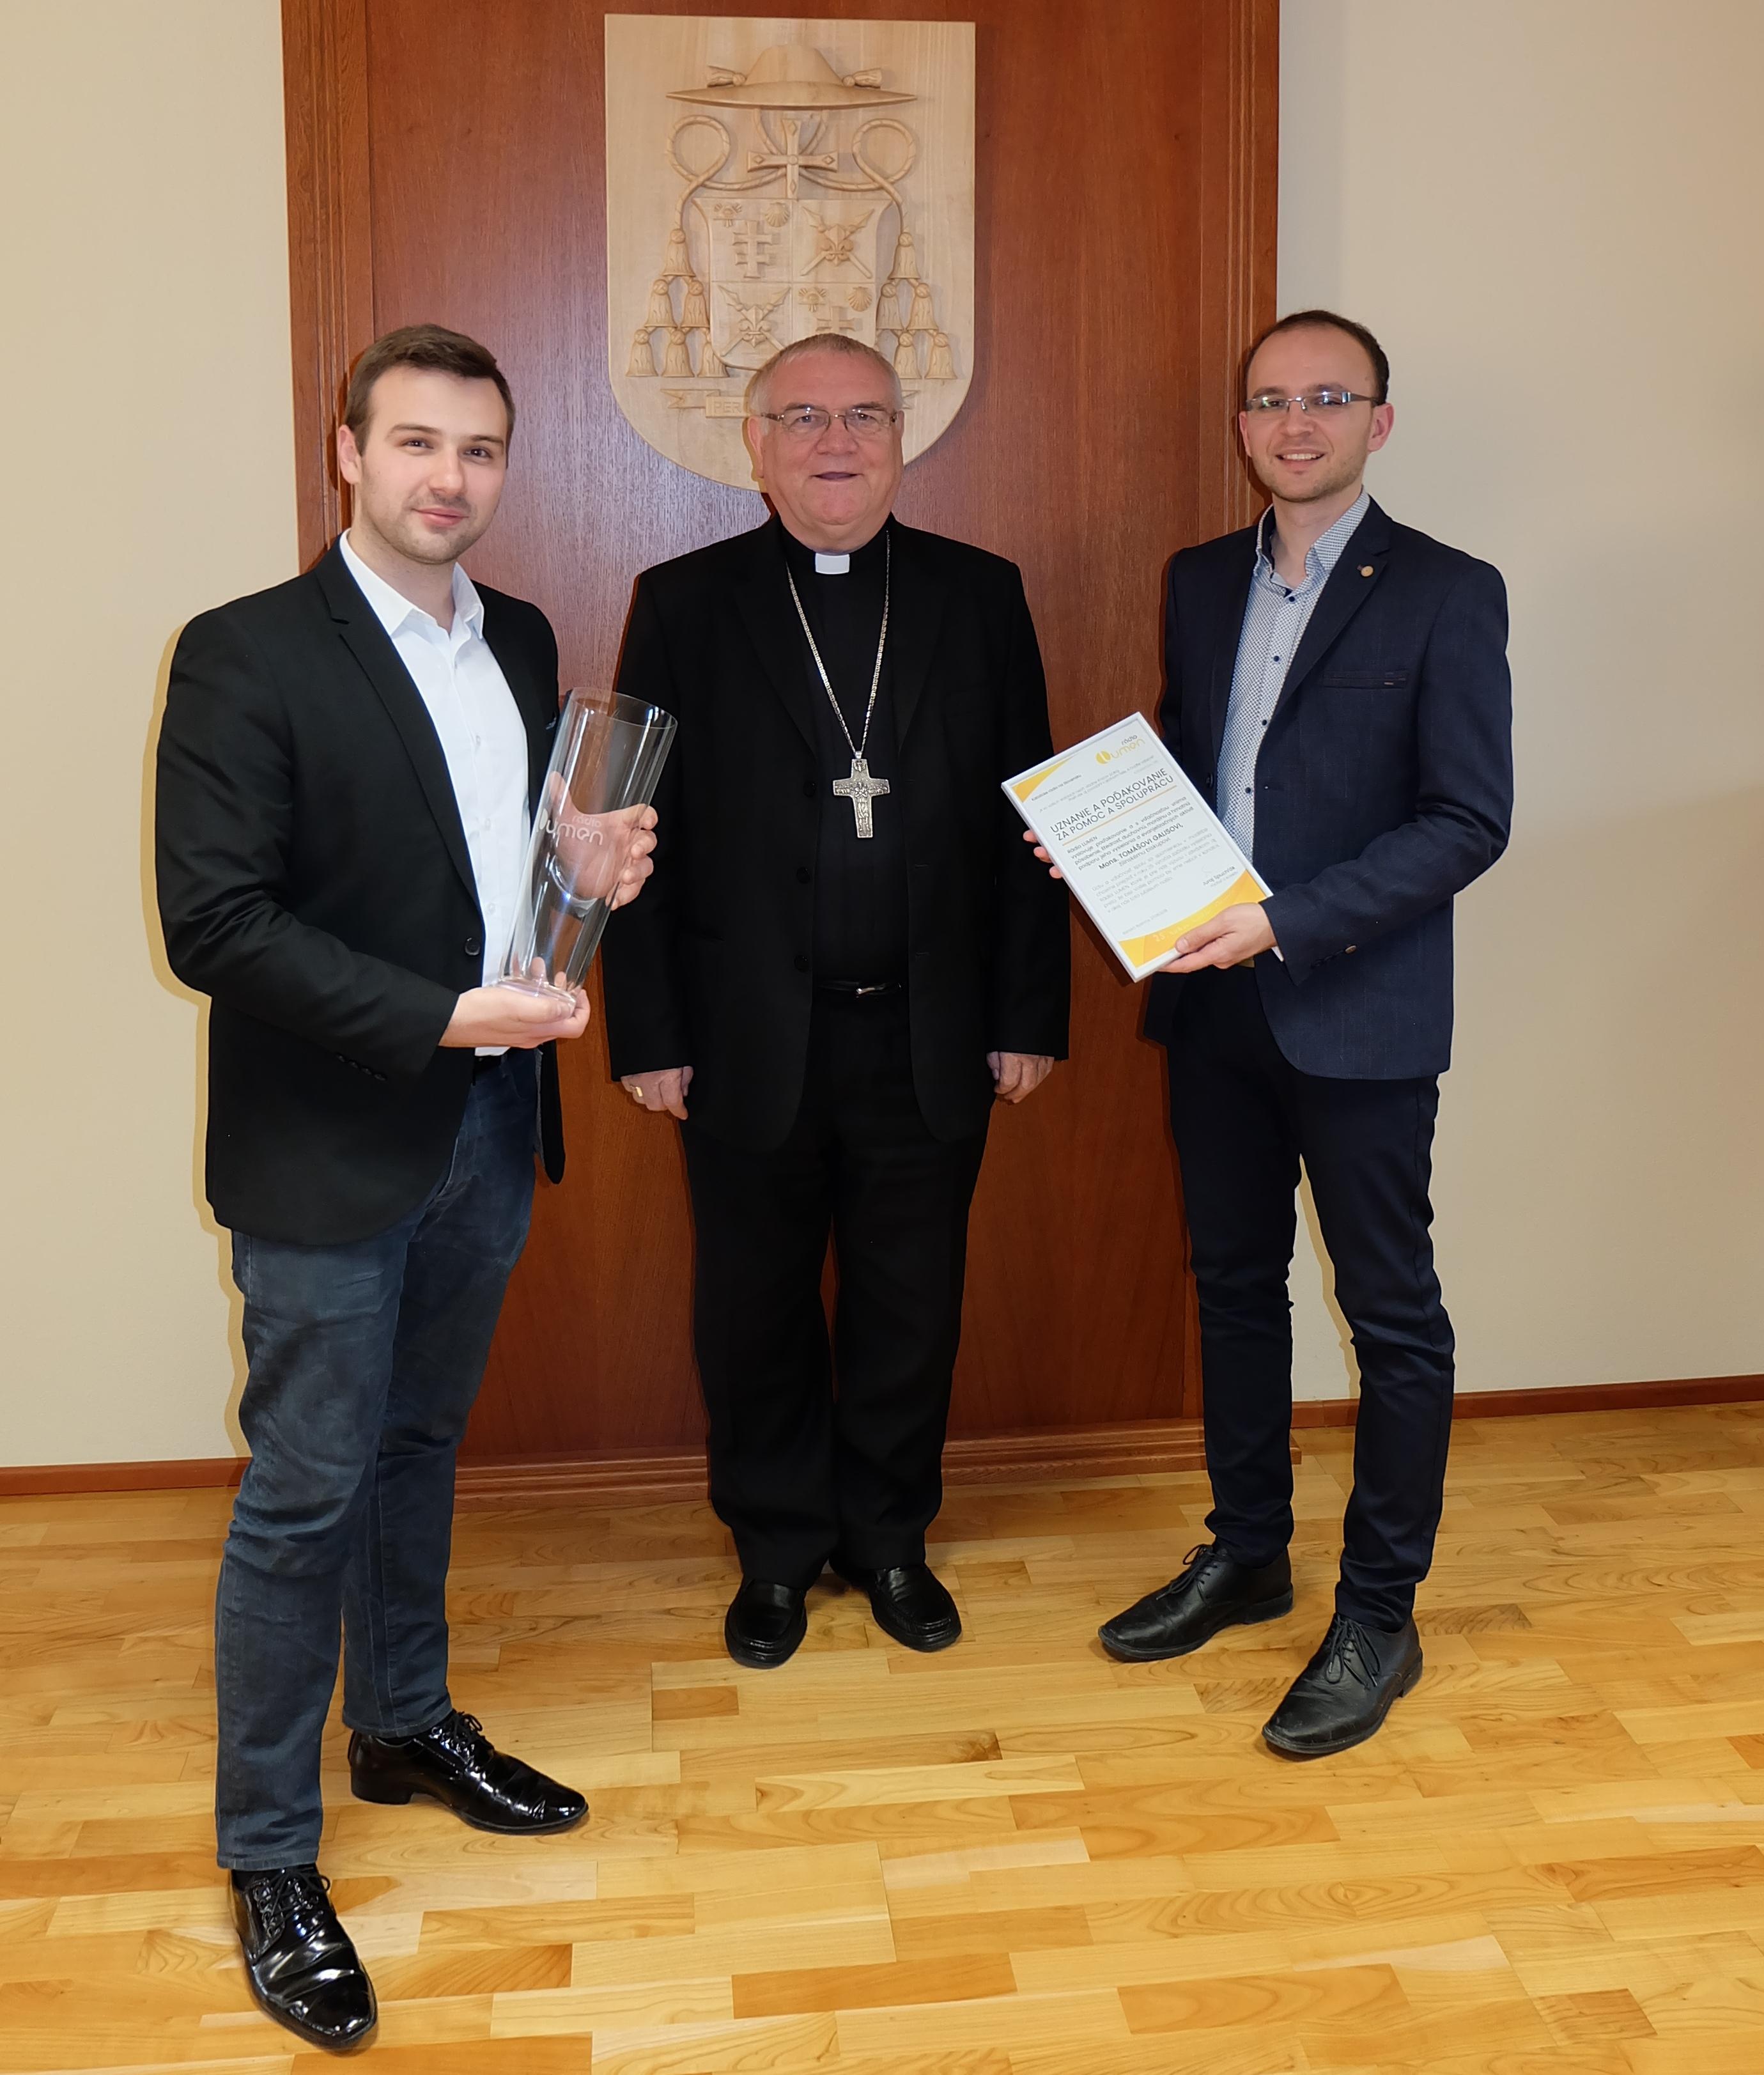 Odovzdanie vázy s logom Rádia LUMEN a ďakovného listu od generálneho riaditeľa o. Juraja Spuchľáka. Na fotografii Martin Šajgalík, editor programu (vľavo) a redaktor Ivo Novák (vpravo)